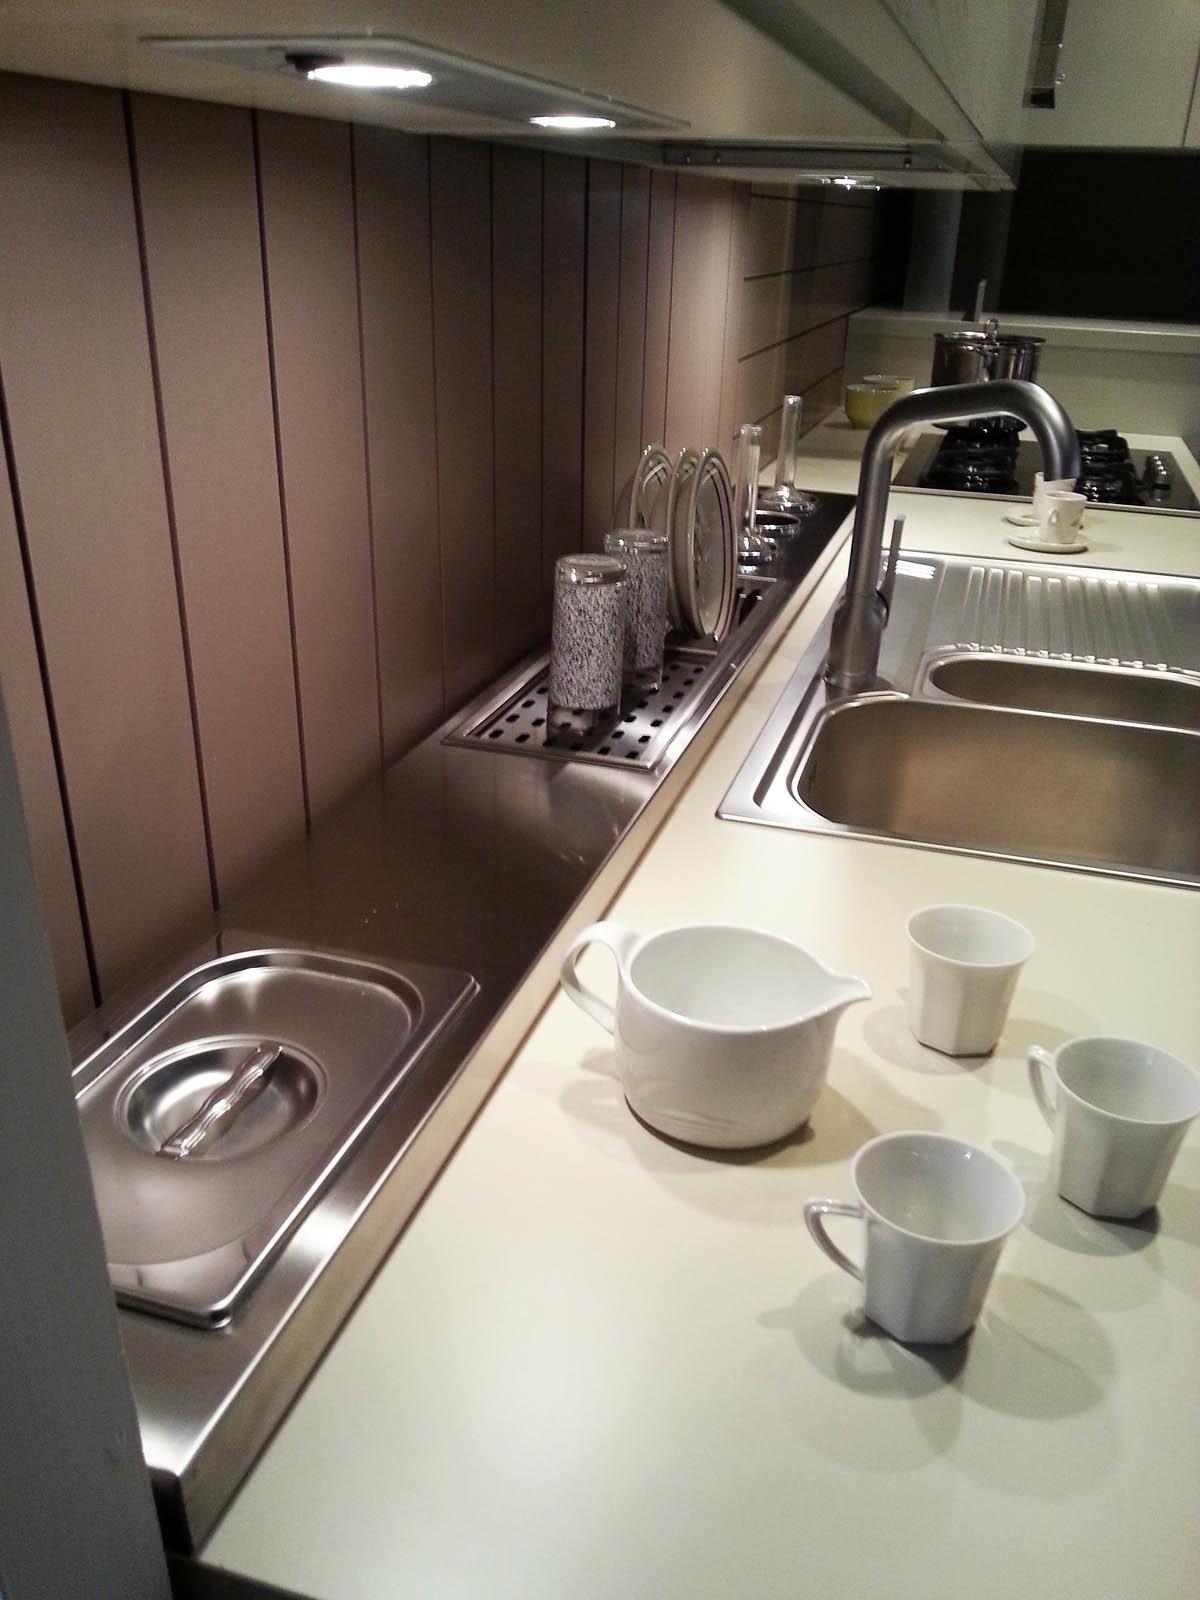 Cucina ad angolo cesar in legno con elettrodomestici - Cucina con elettrodomestici ...